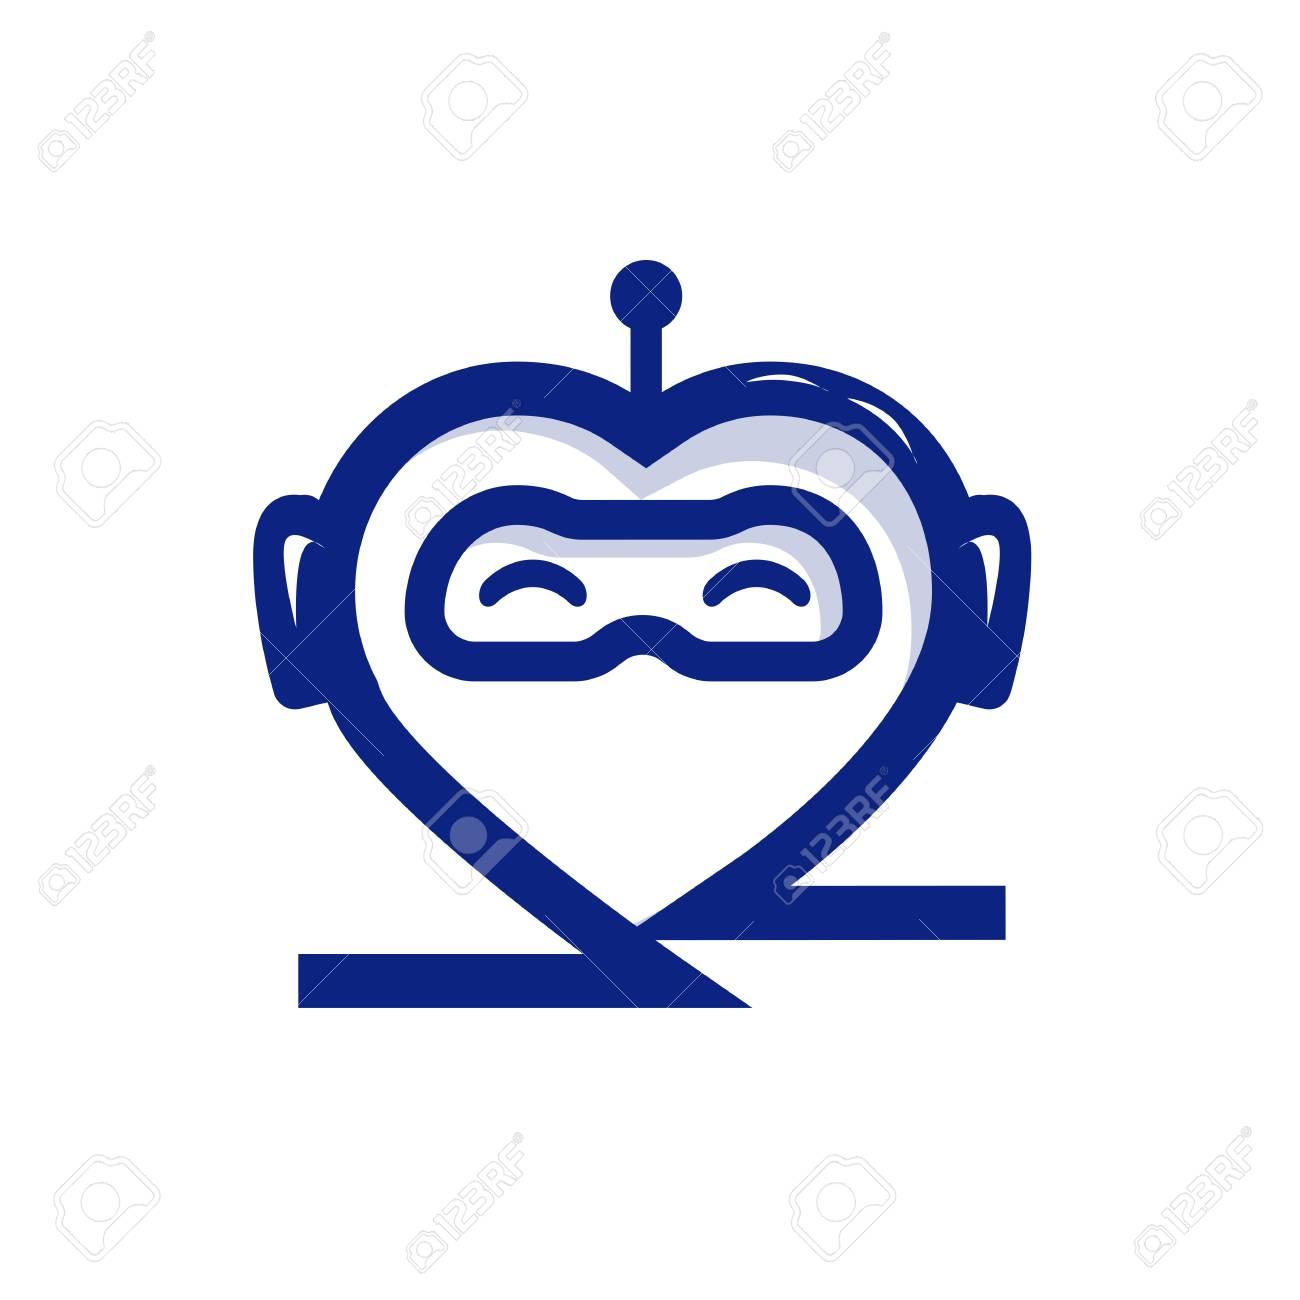 心心のおしゃべりボットロボット中心イラストロボット イラスト